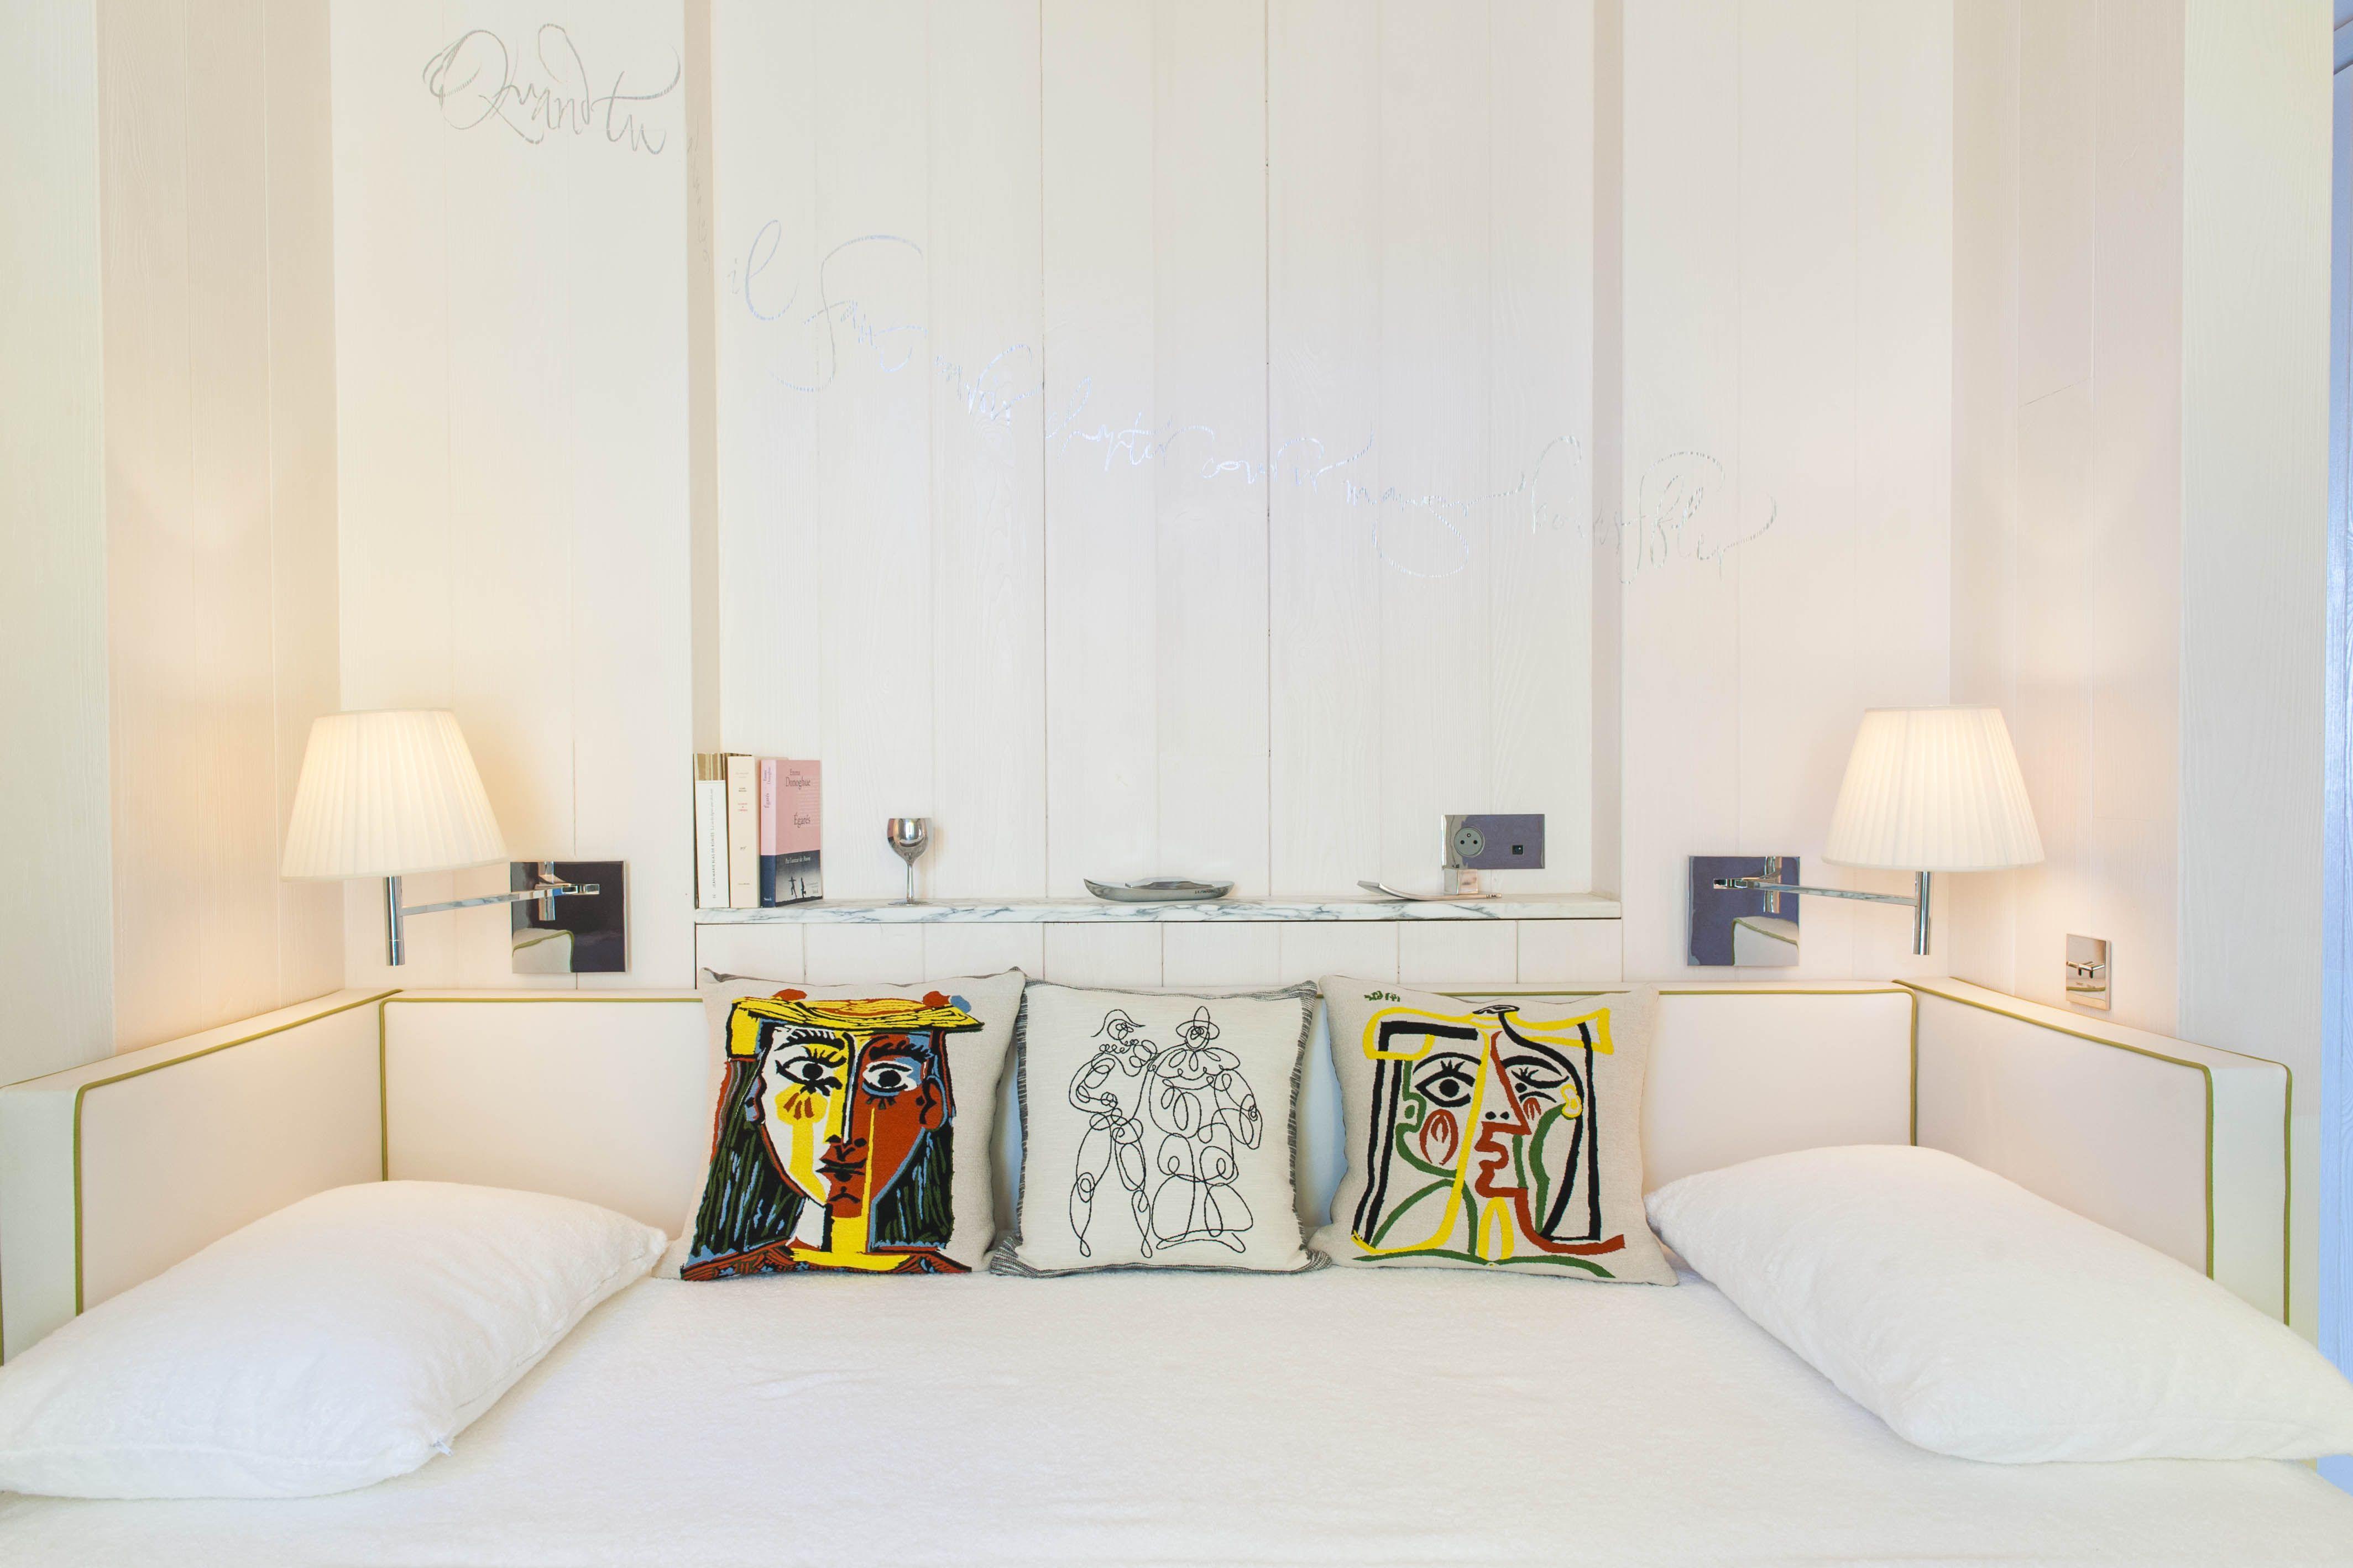 Salle De Bain King Size ~ des lits king size par s de blanc flottent au milieu de la chambre